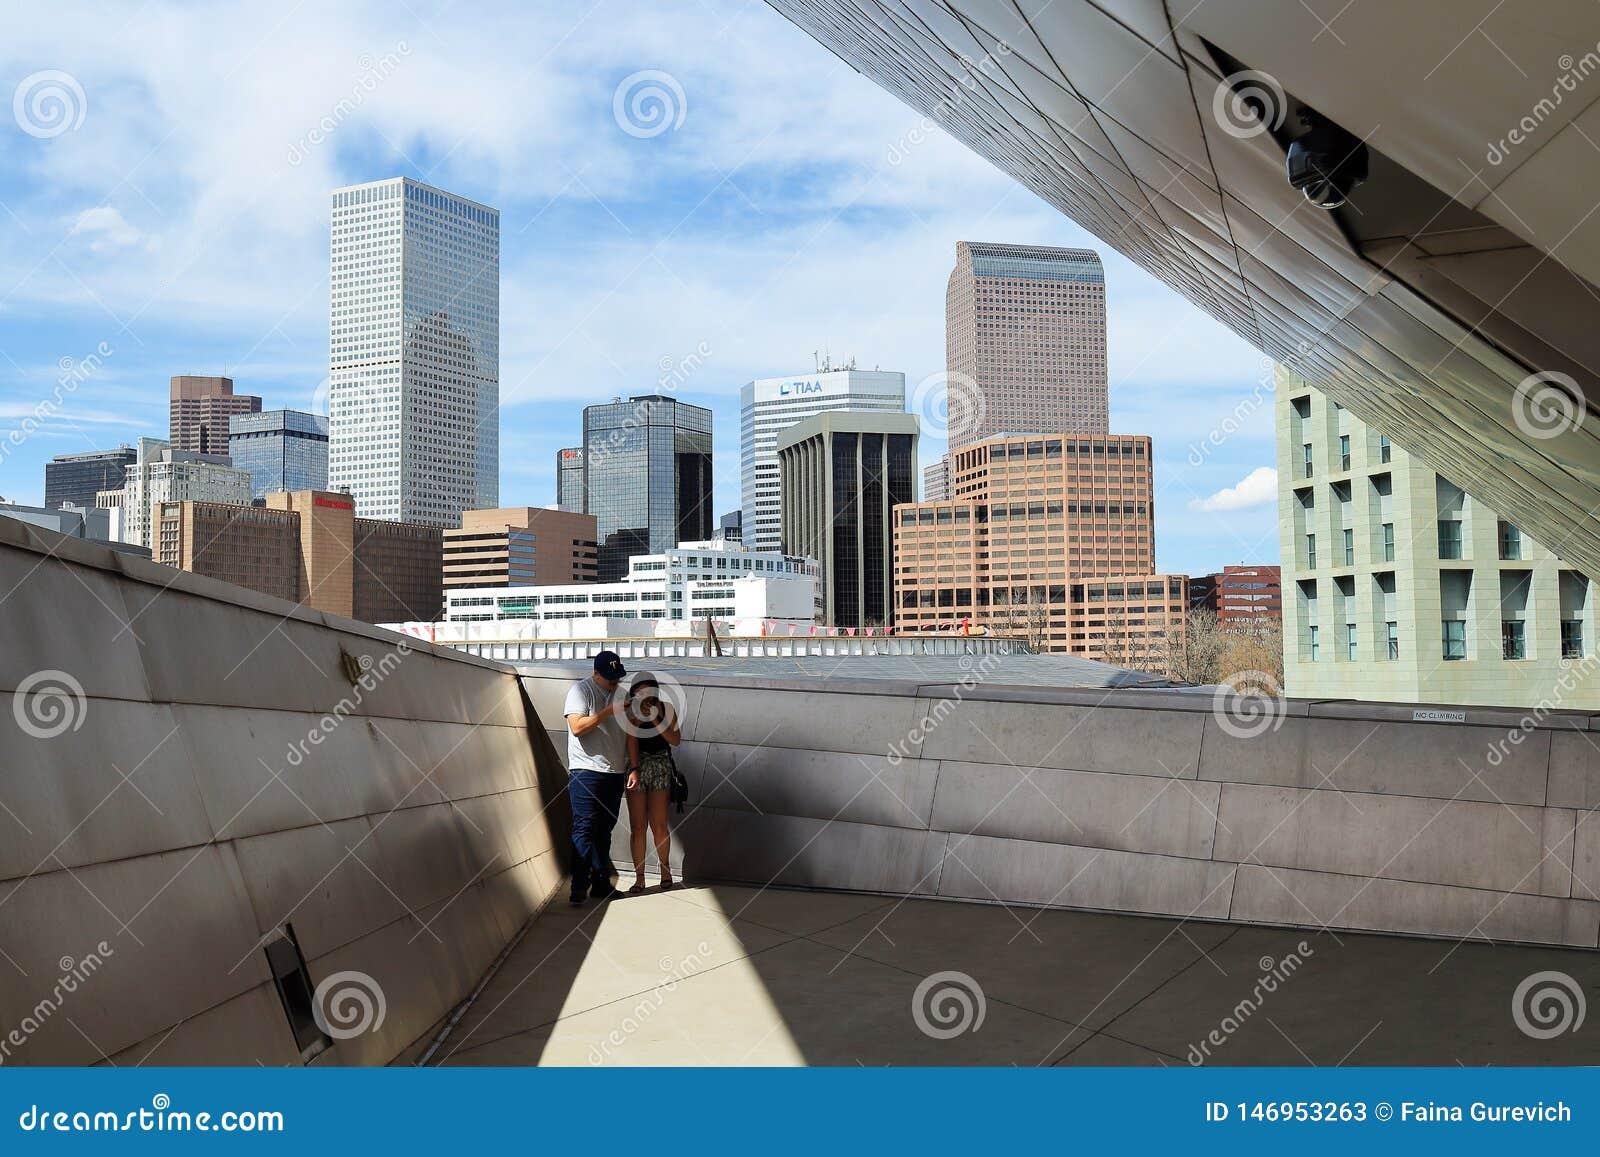 Ένα ζεύγος που παίρνει τις εικόνες στη γέφυρα με μια άποψη σχετικά με τη στο κέντρο της πόλης εικονική παράσταση πόλης του Ντένβε